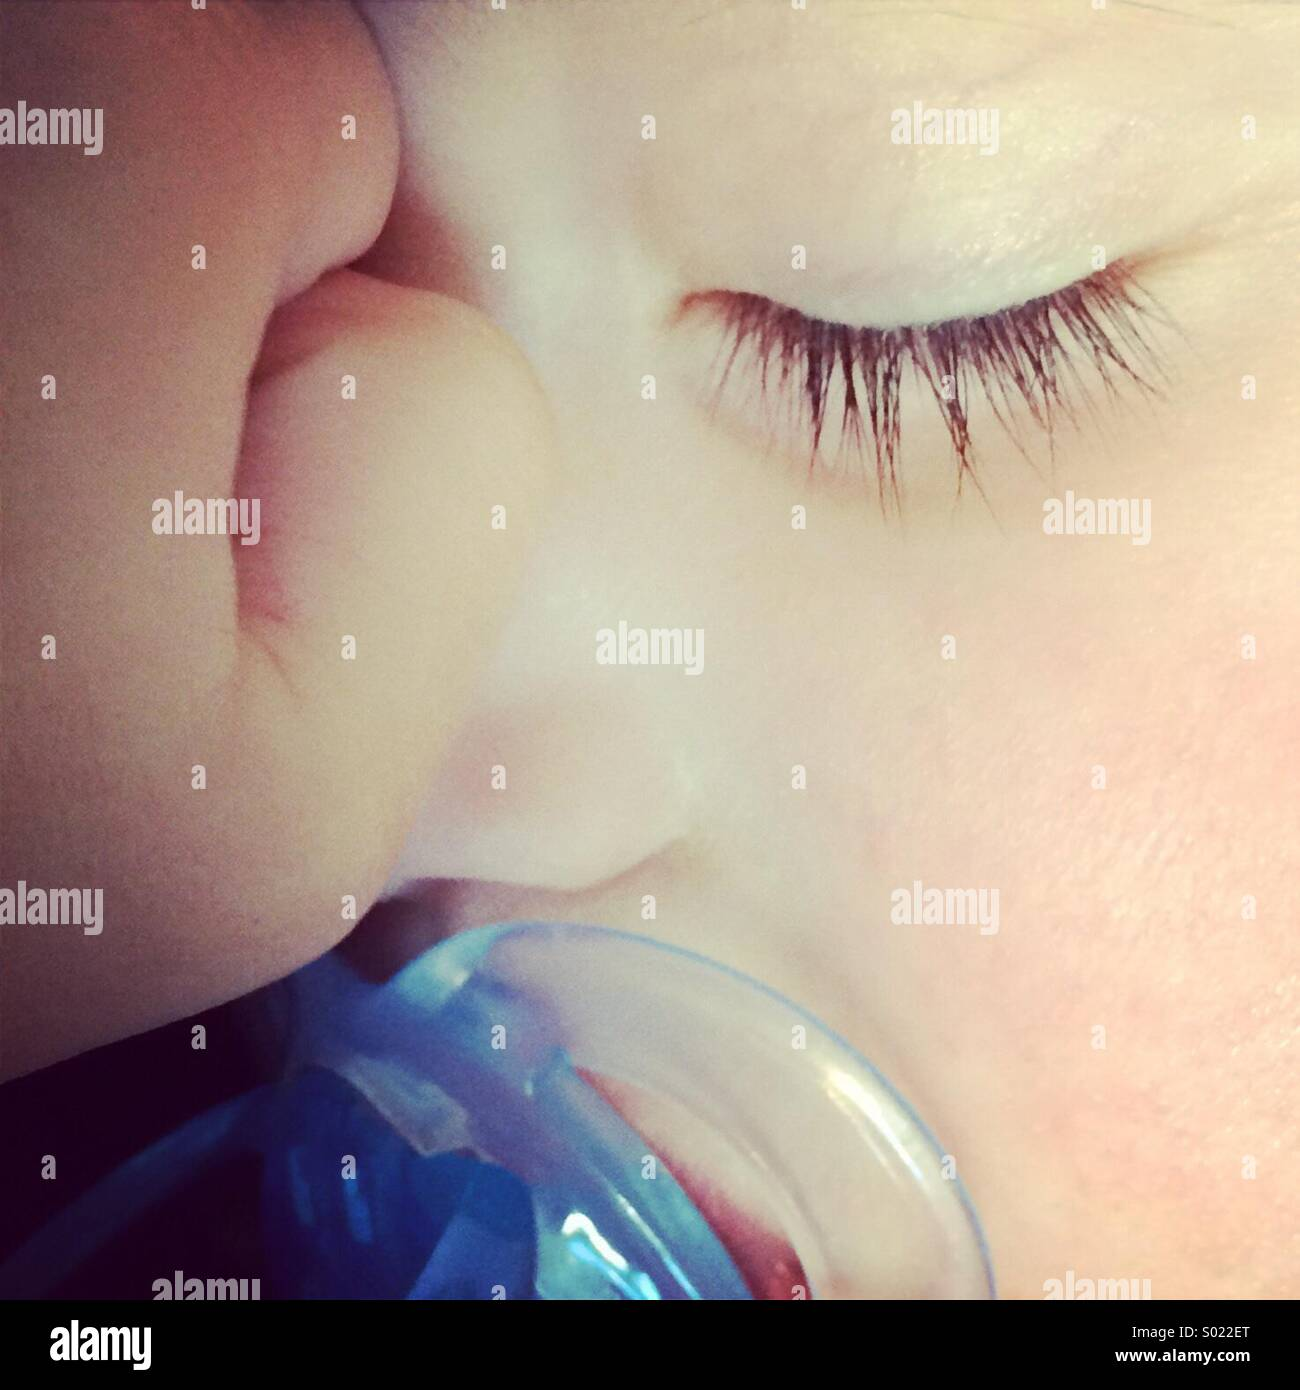 Nahaufnahme eines Baby-jungen mit blauen Dummy-Schnuller in den Mund zu schlafen. Stockfoto